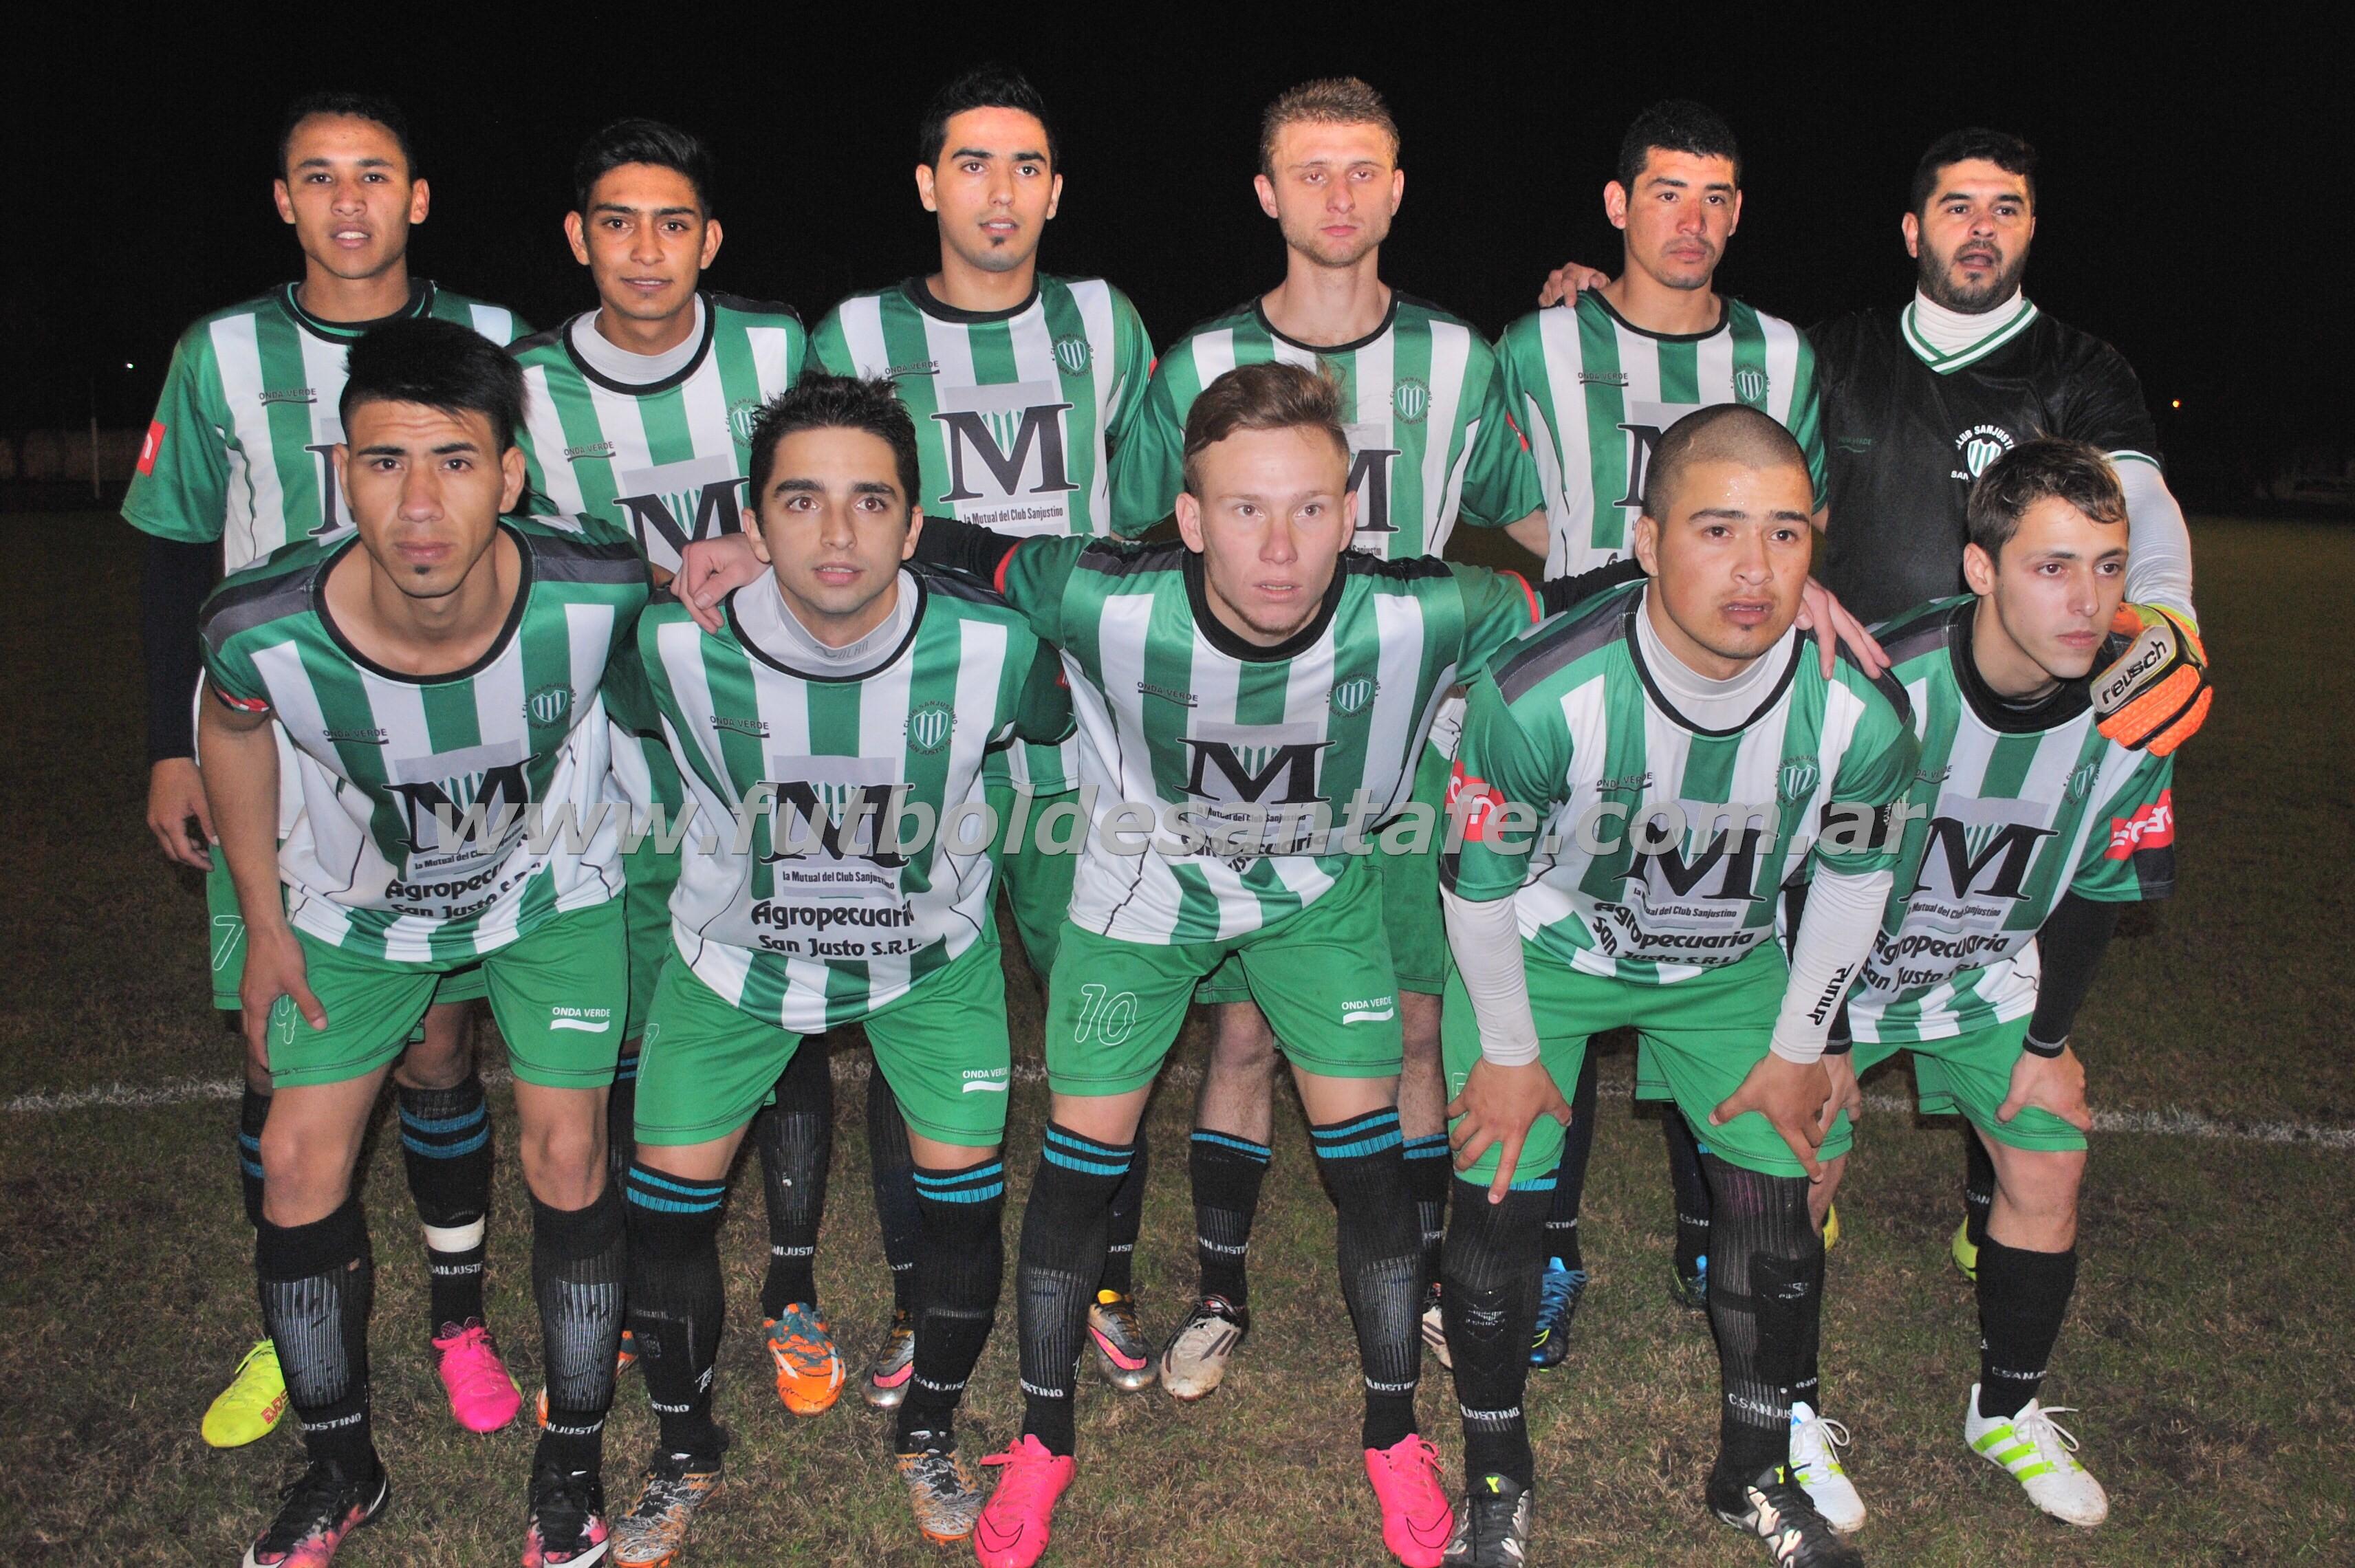 Sanjustino, ya clasificado por ser el campeón del Apertura. Foto: archivo